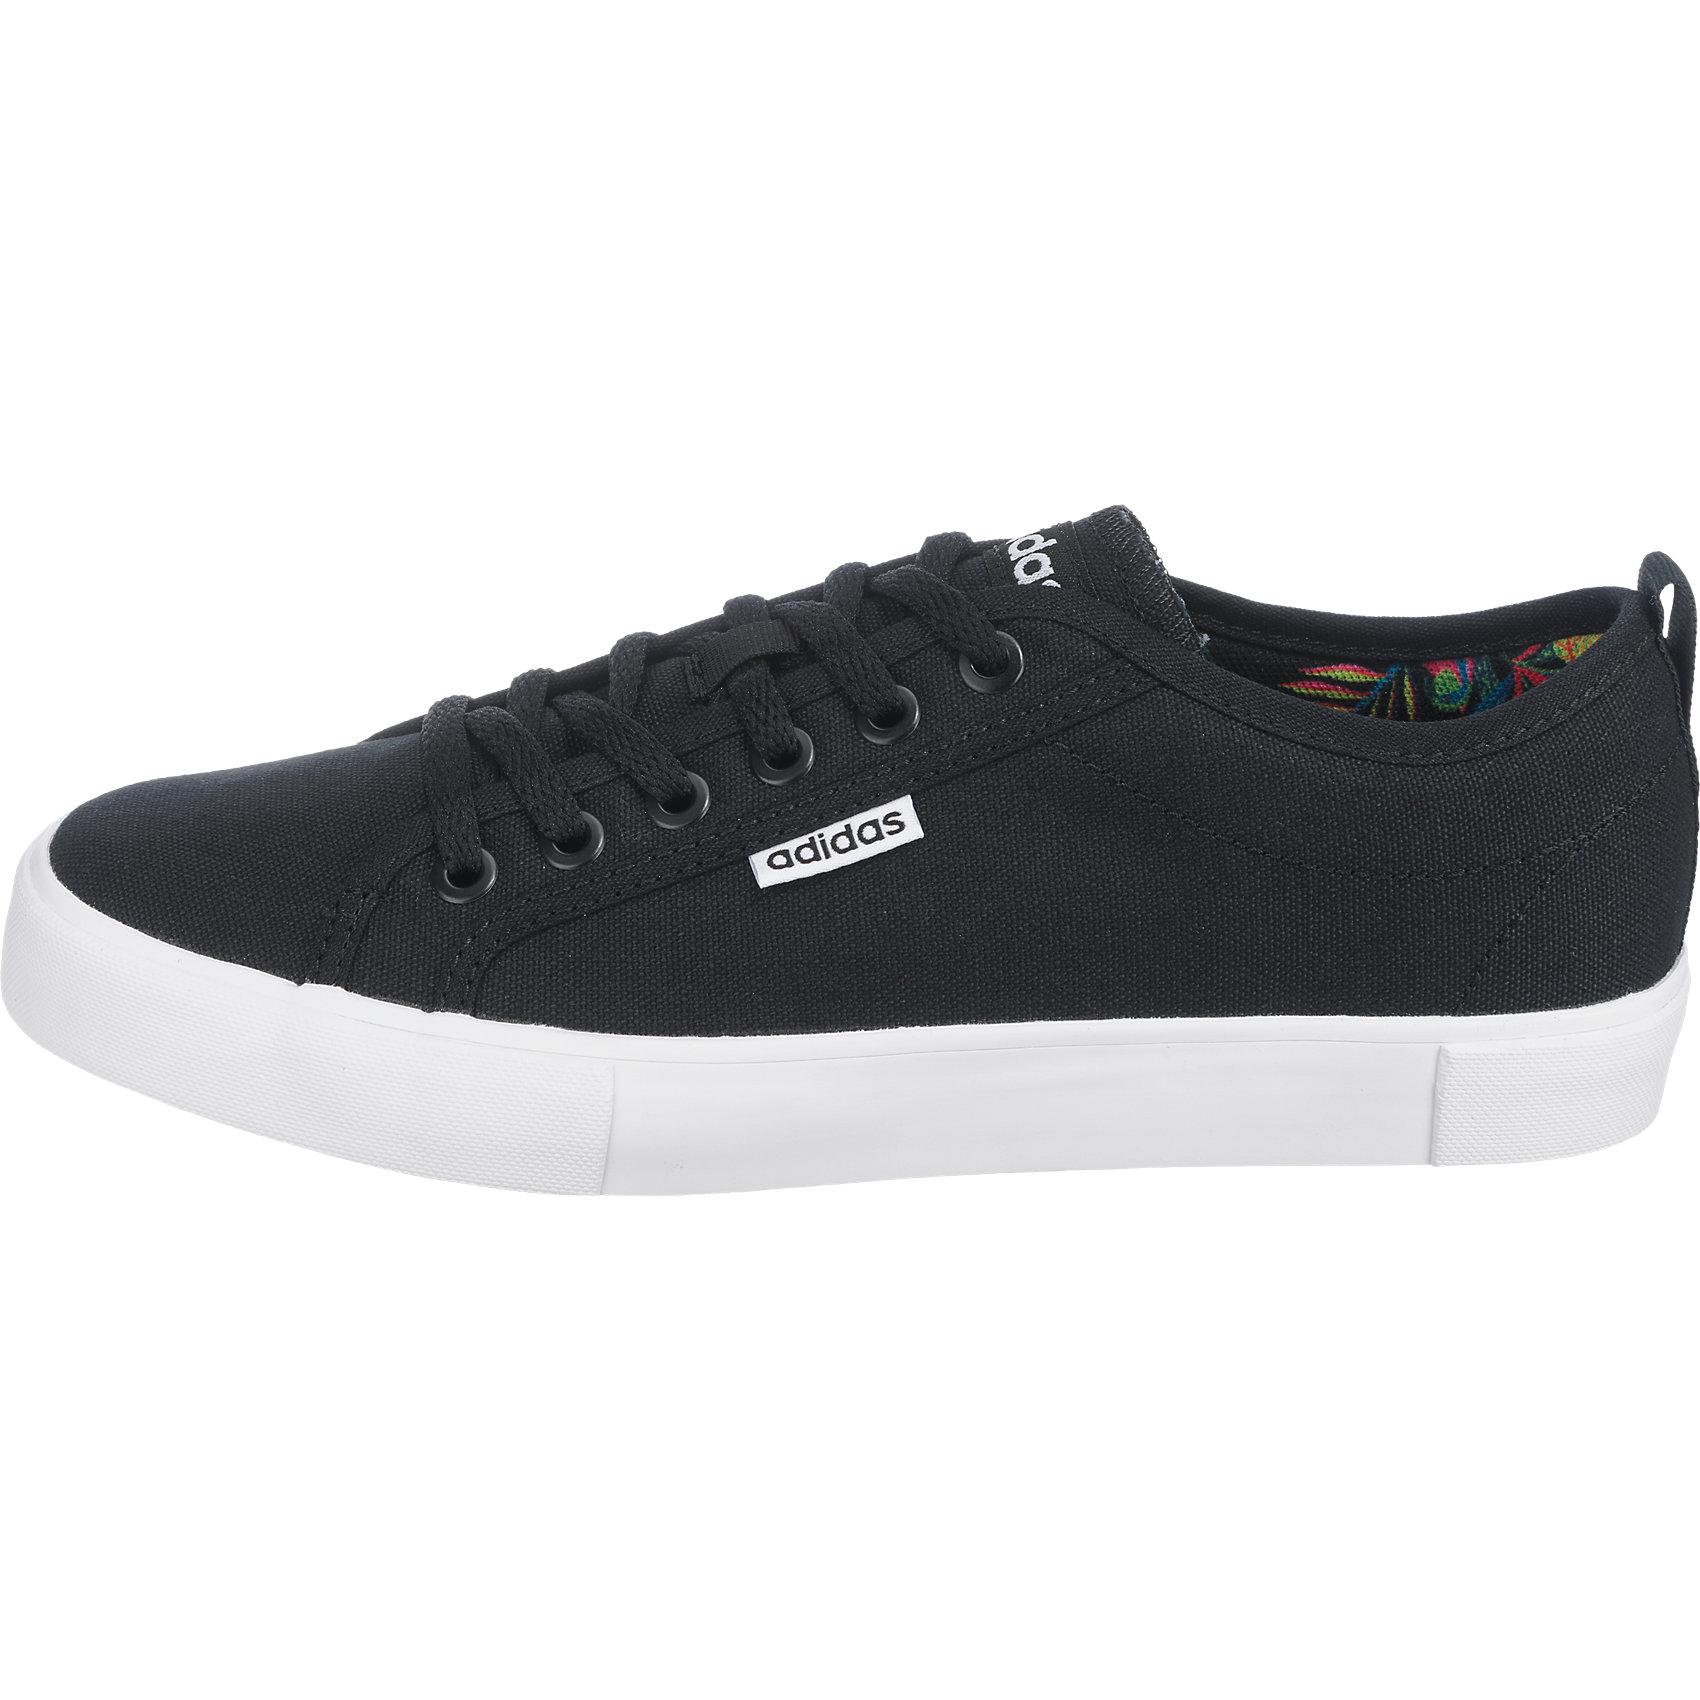 Details zu Neu adidas NEO Neosole Sneakers schwarz weiß grau pink 5766770